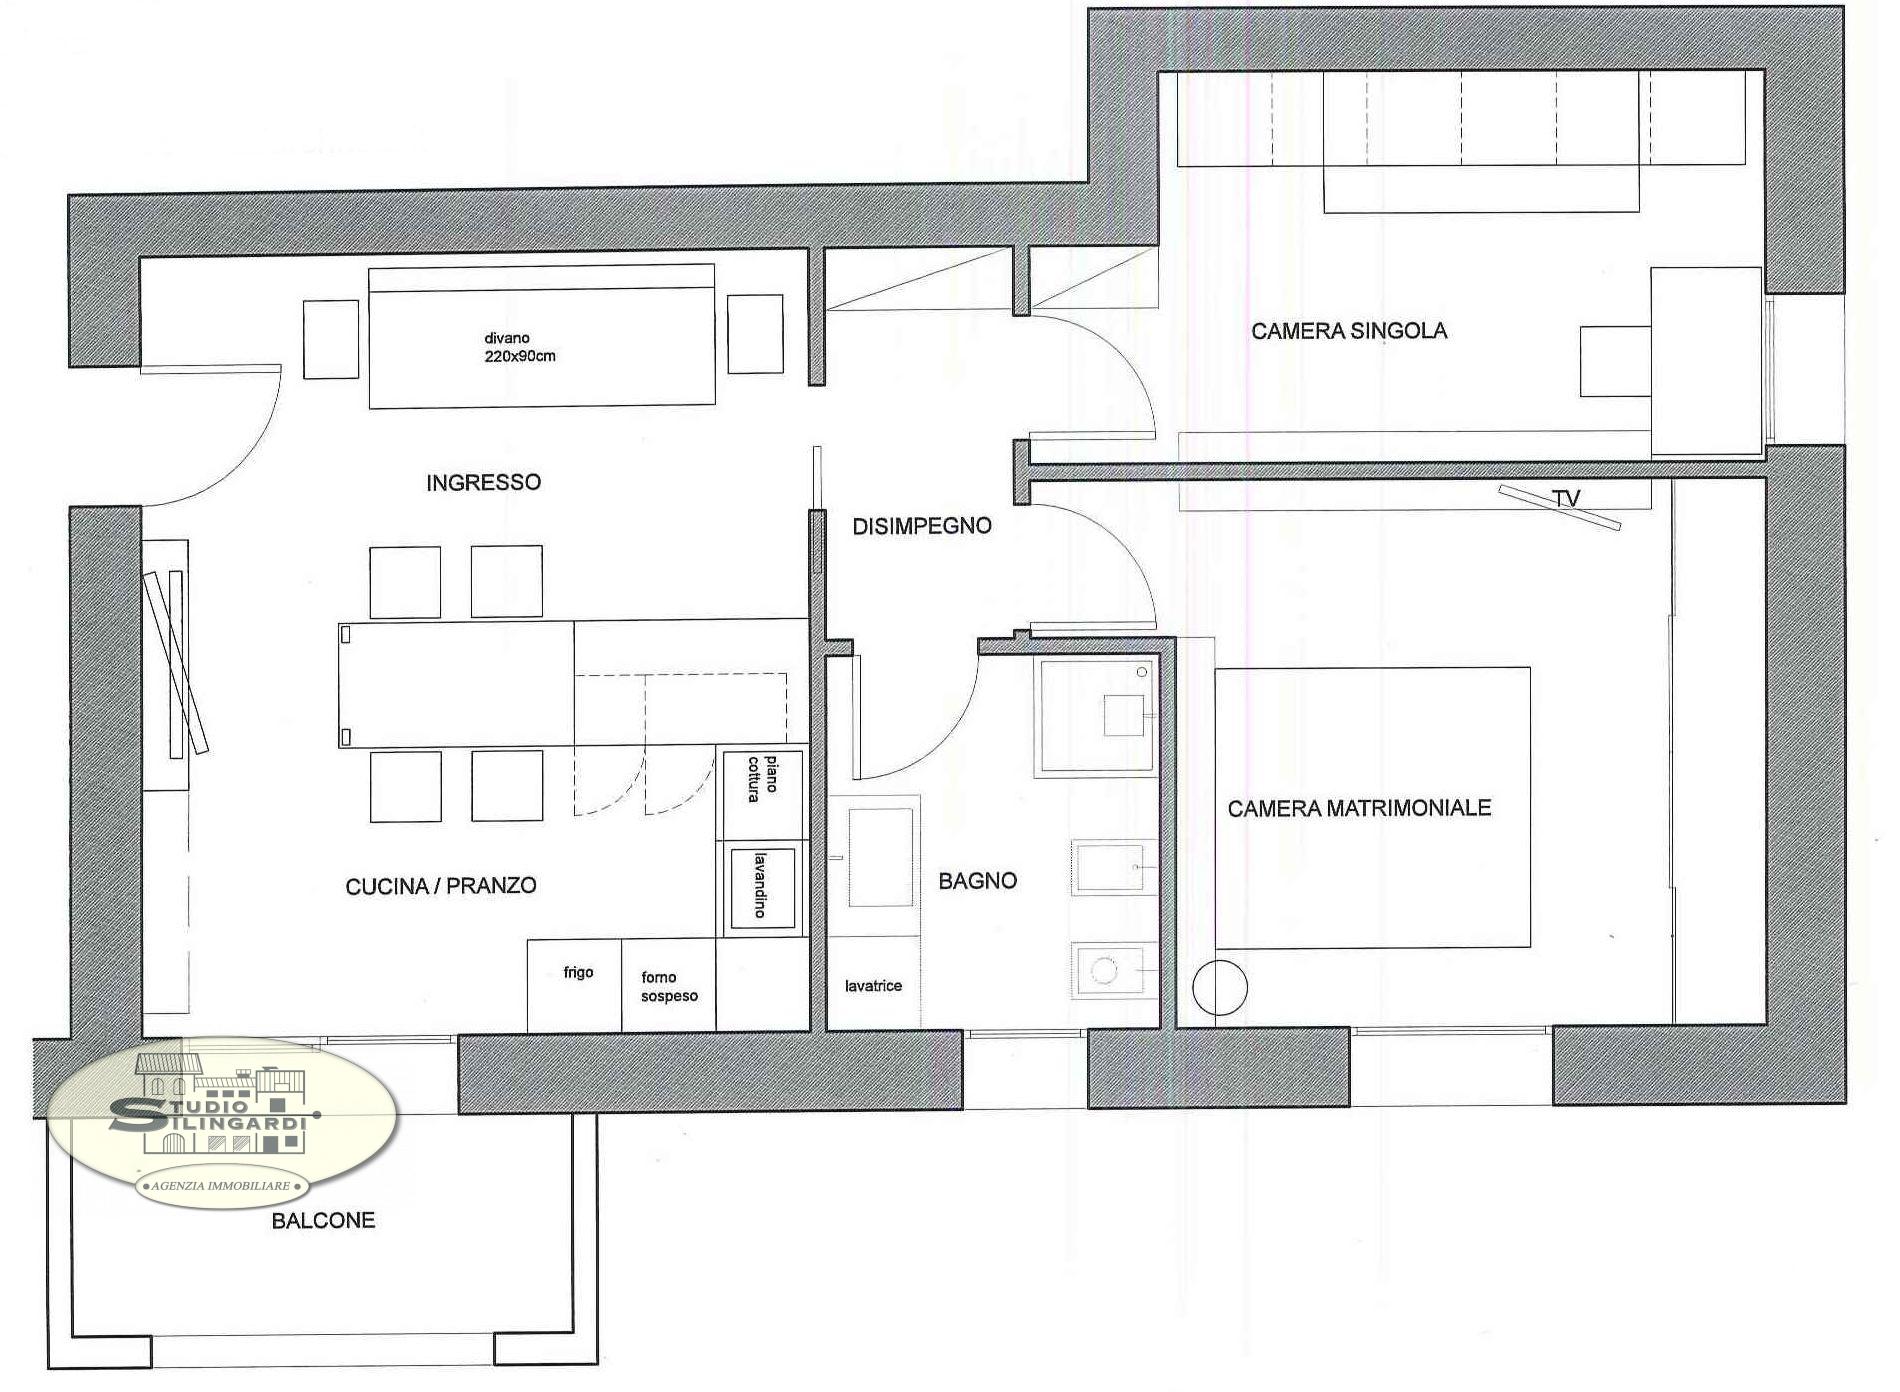 Appartamento in vendita a Fiorano Modenese, 3 locali, zona Località: Ubersetto, prezzo € 158.000 | Cambio Casa.it